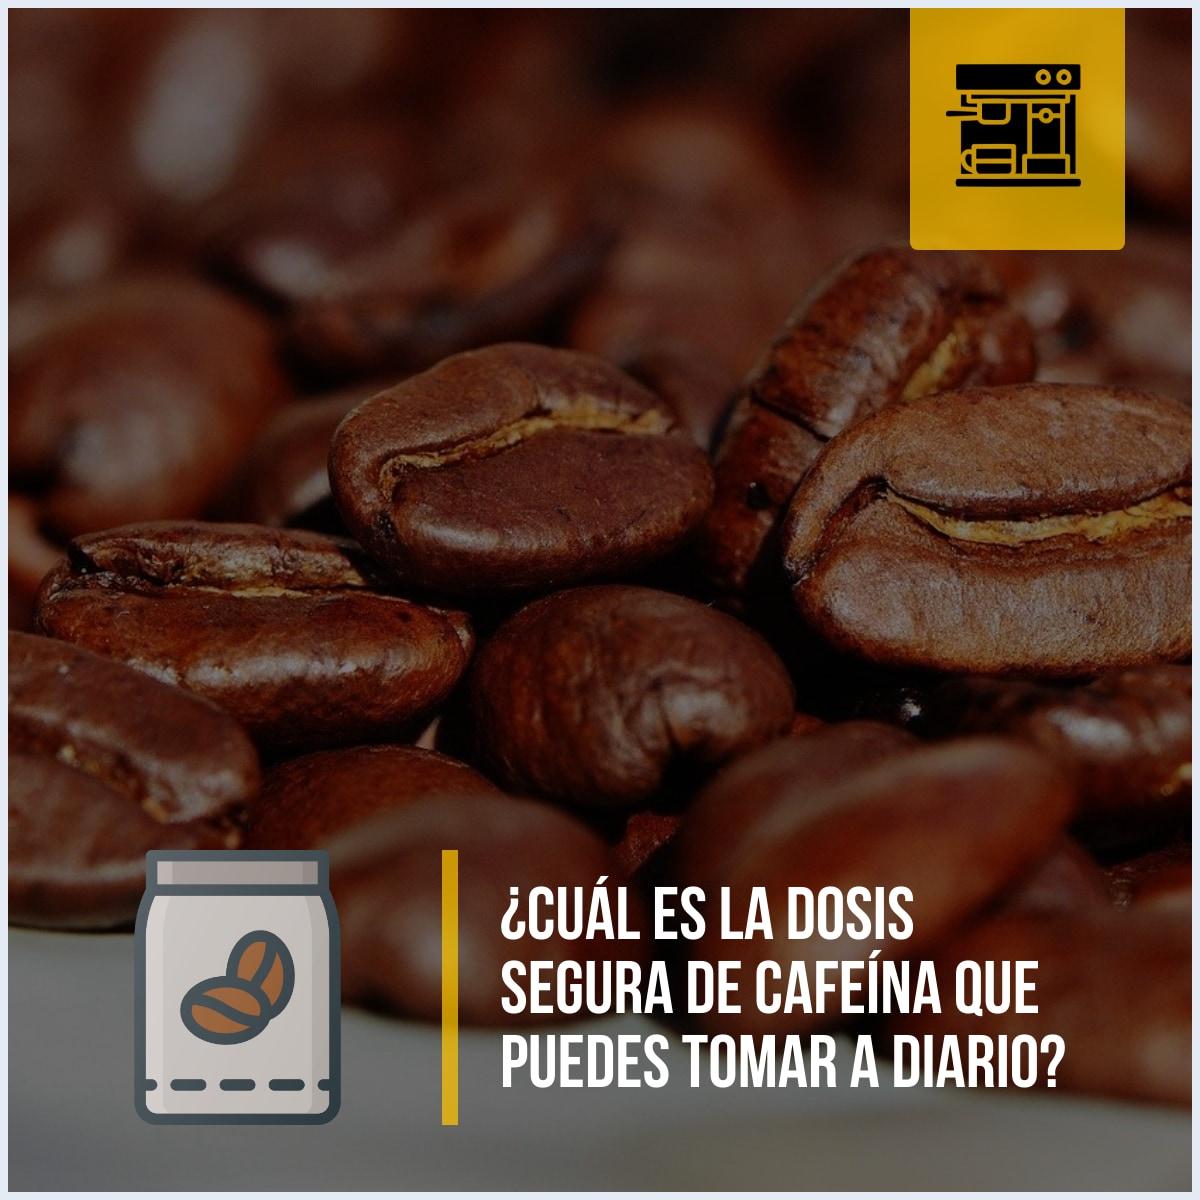 ¿Cuál es la dosis segura de cafeína que puedes tomar a diario?